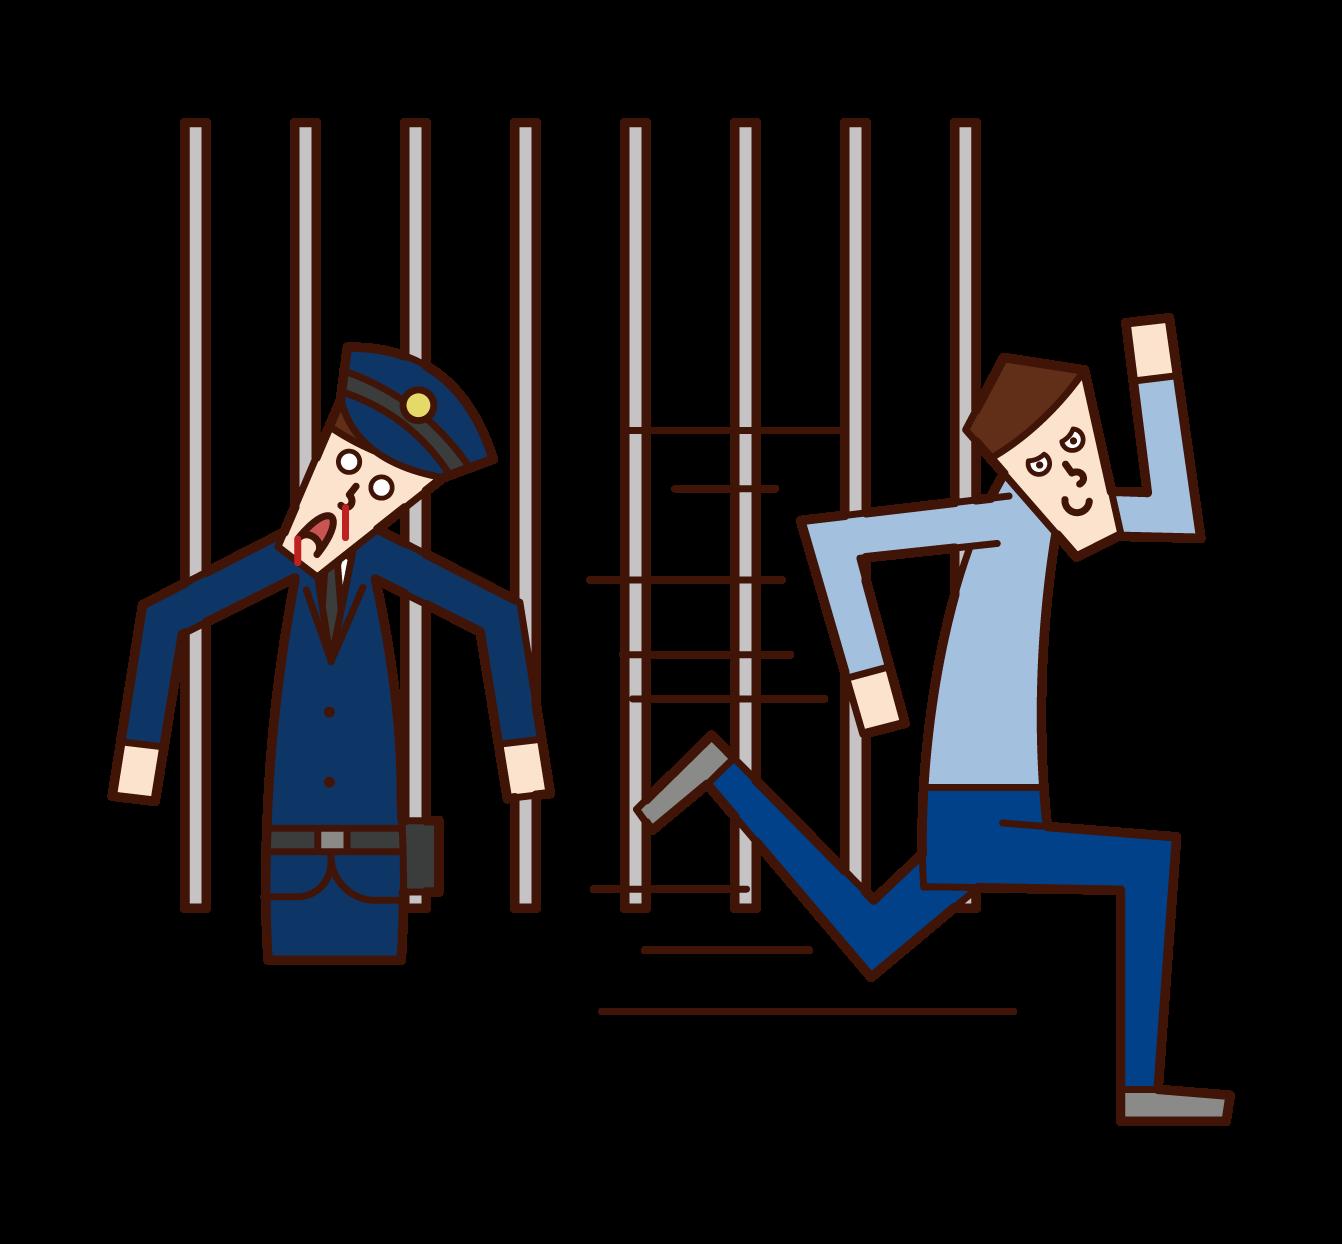 脱獄する犯人・囚人(男性)のイラスト